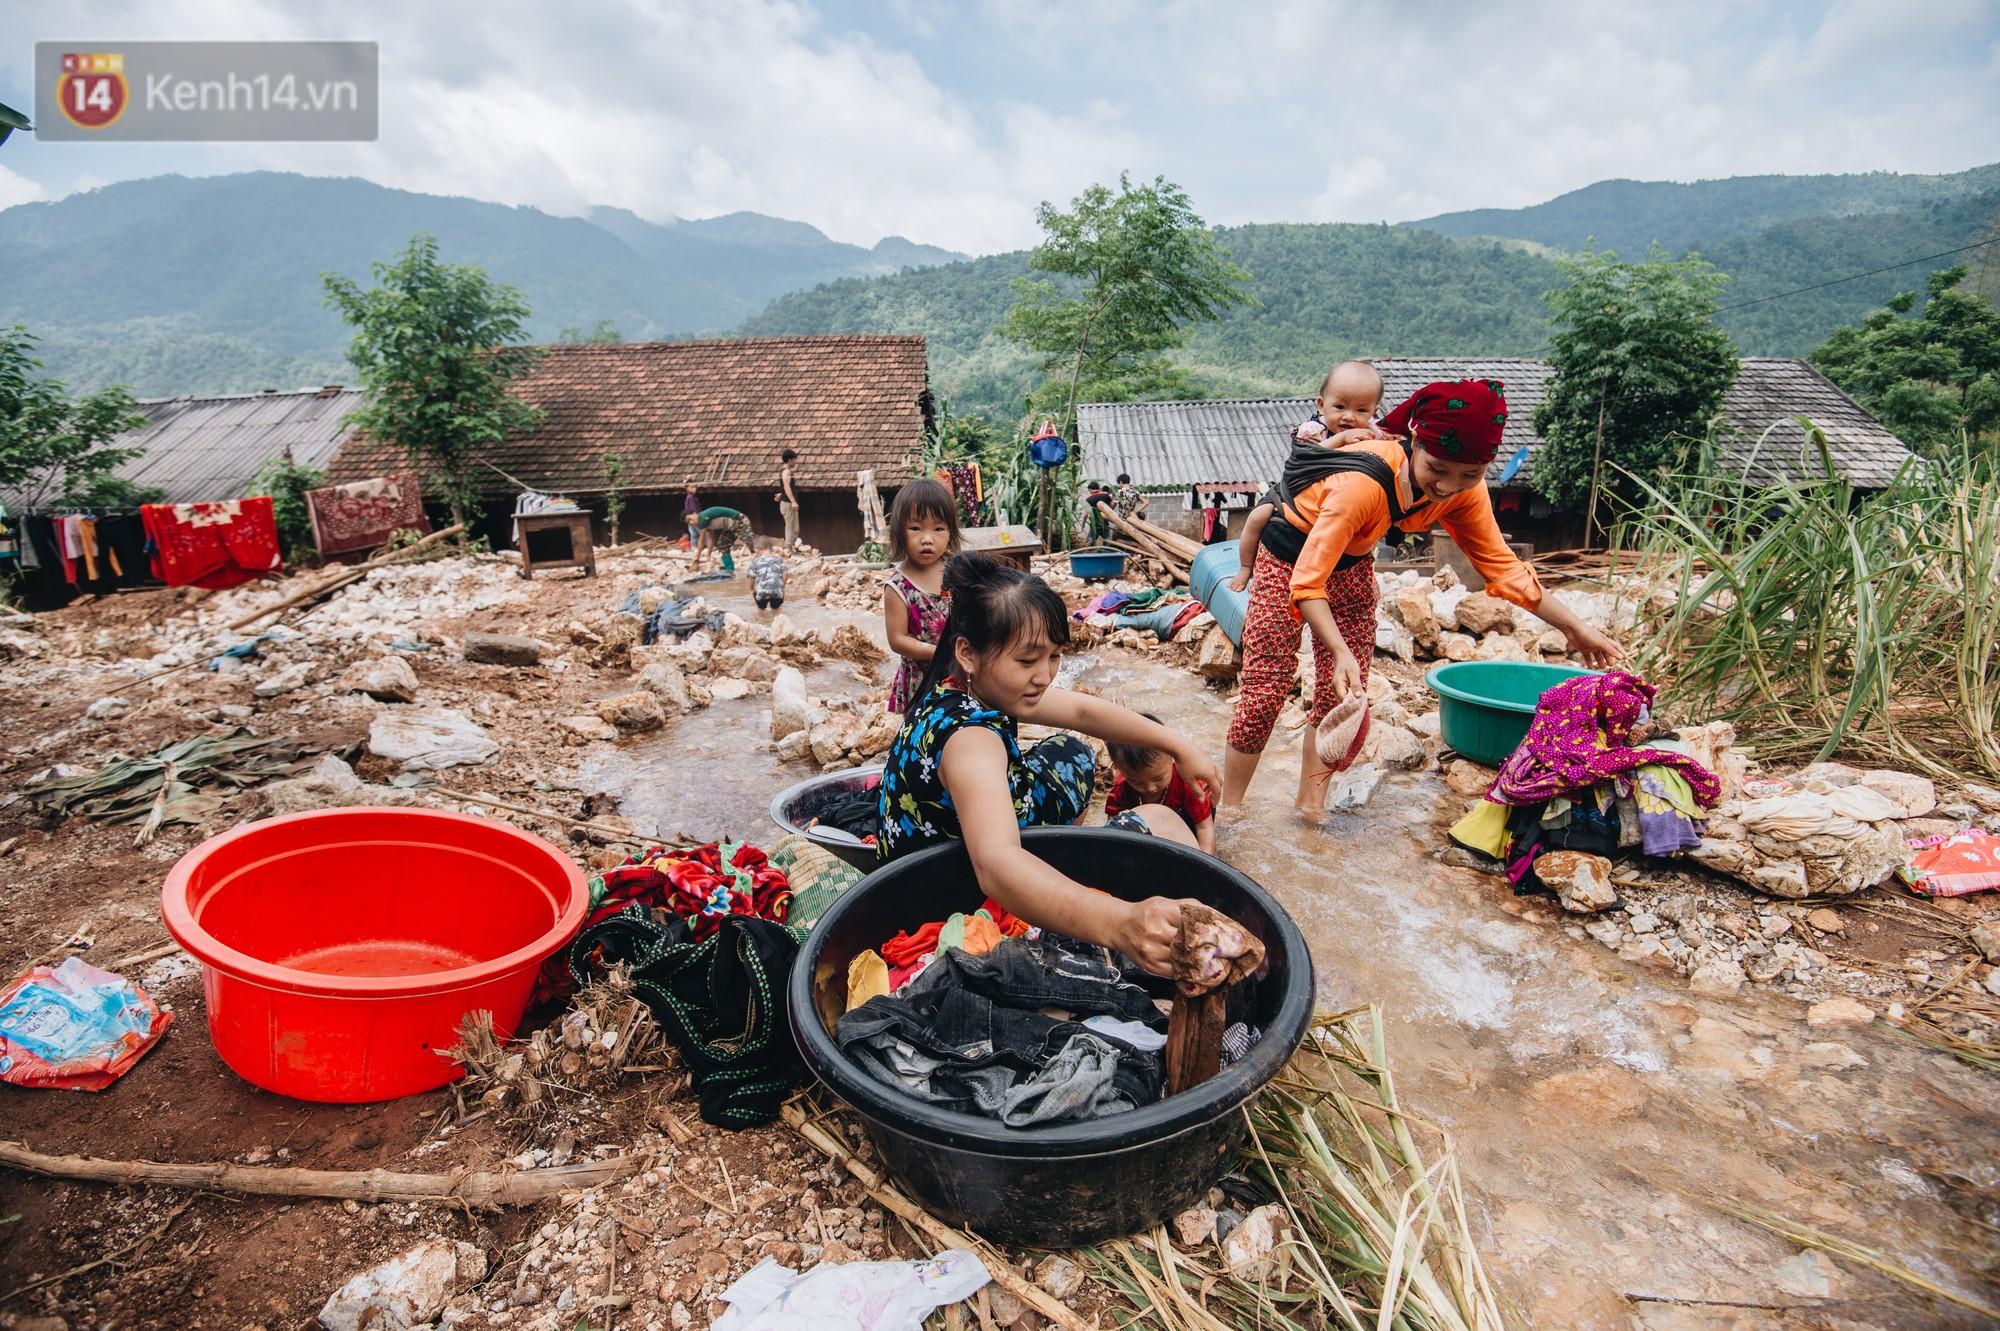 Ánh mắt kiên cường và nụ cười hồn nhiên của trẻ em Hà Giang sau trận lũ đau thương khiến 5 người chết, hàng trăm ngôi nhà đổ nát - Ảnh 11.